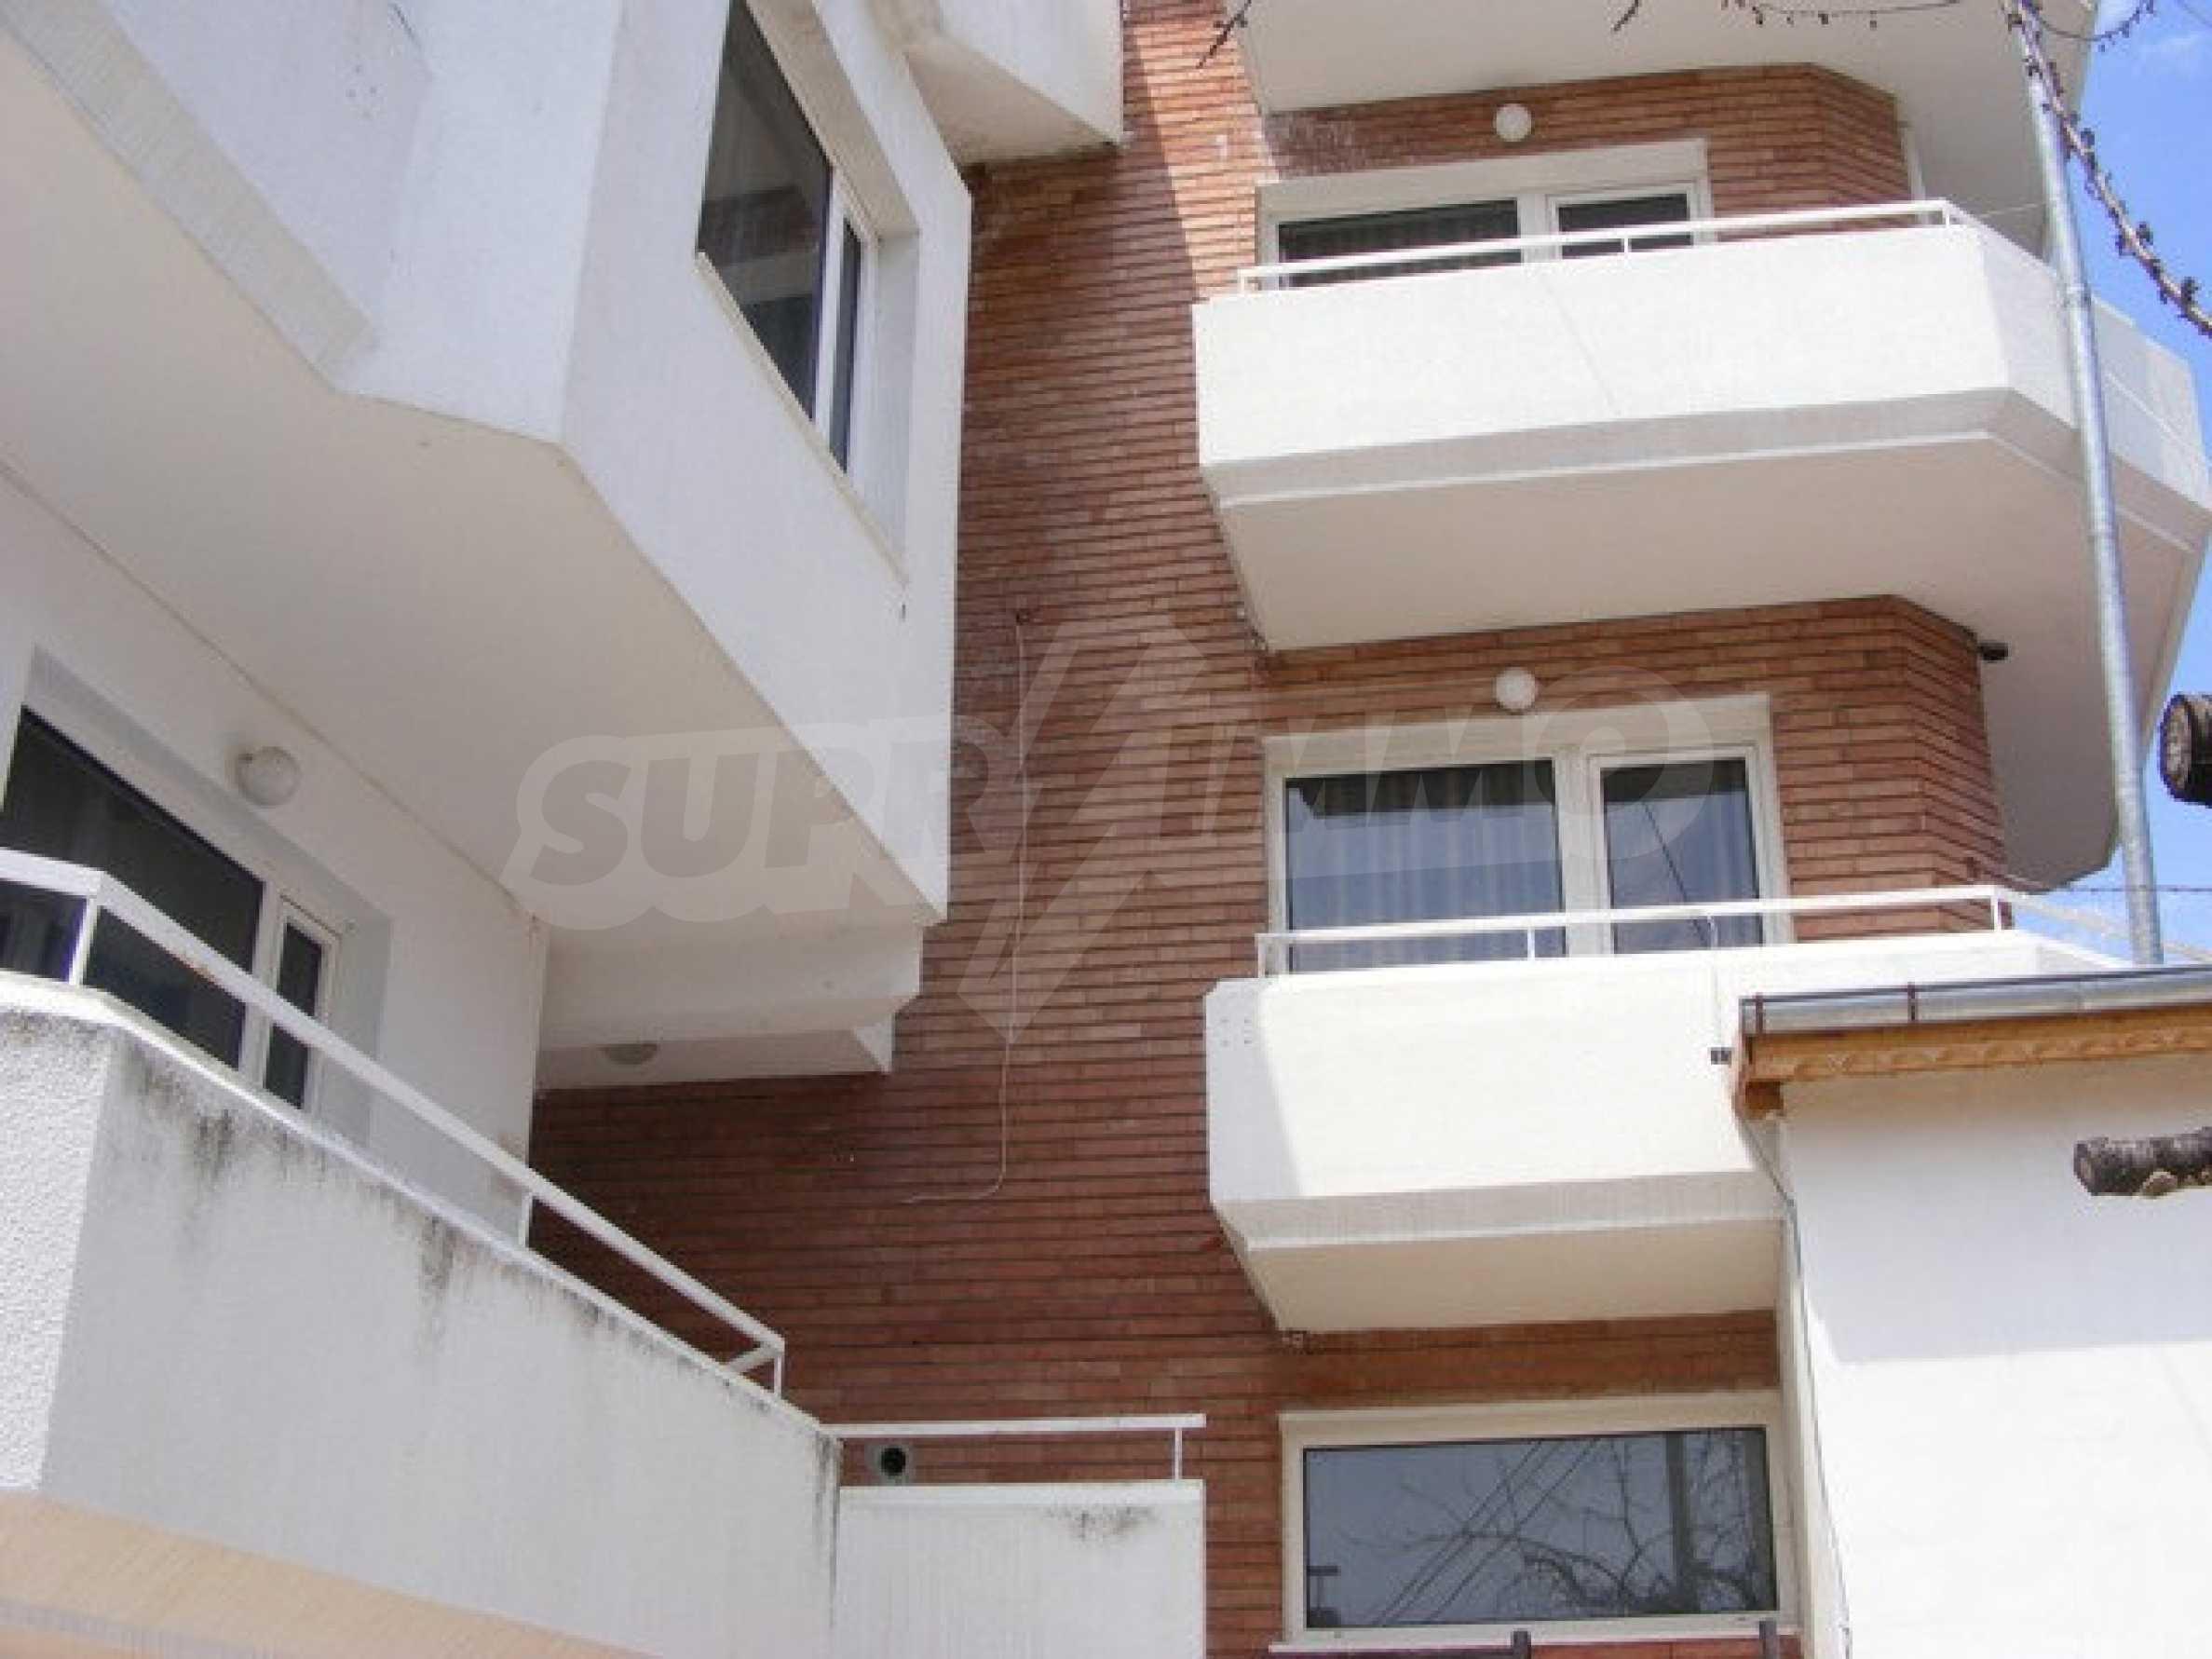 Многоэтажный дом в местности Ален Мак, г. Варна 5